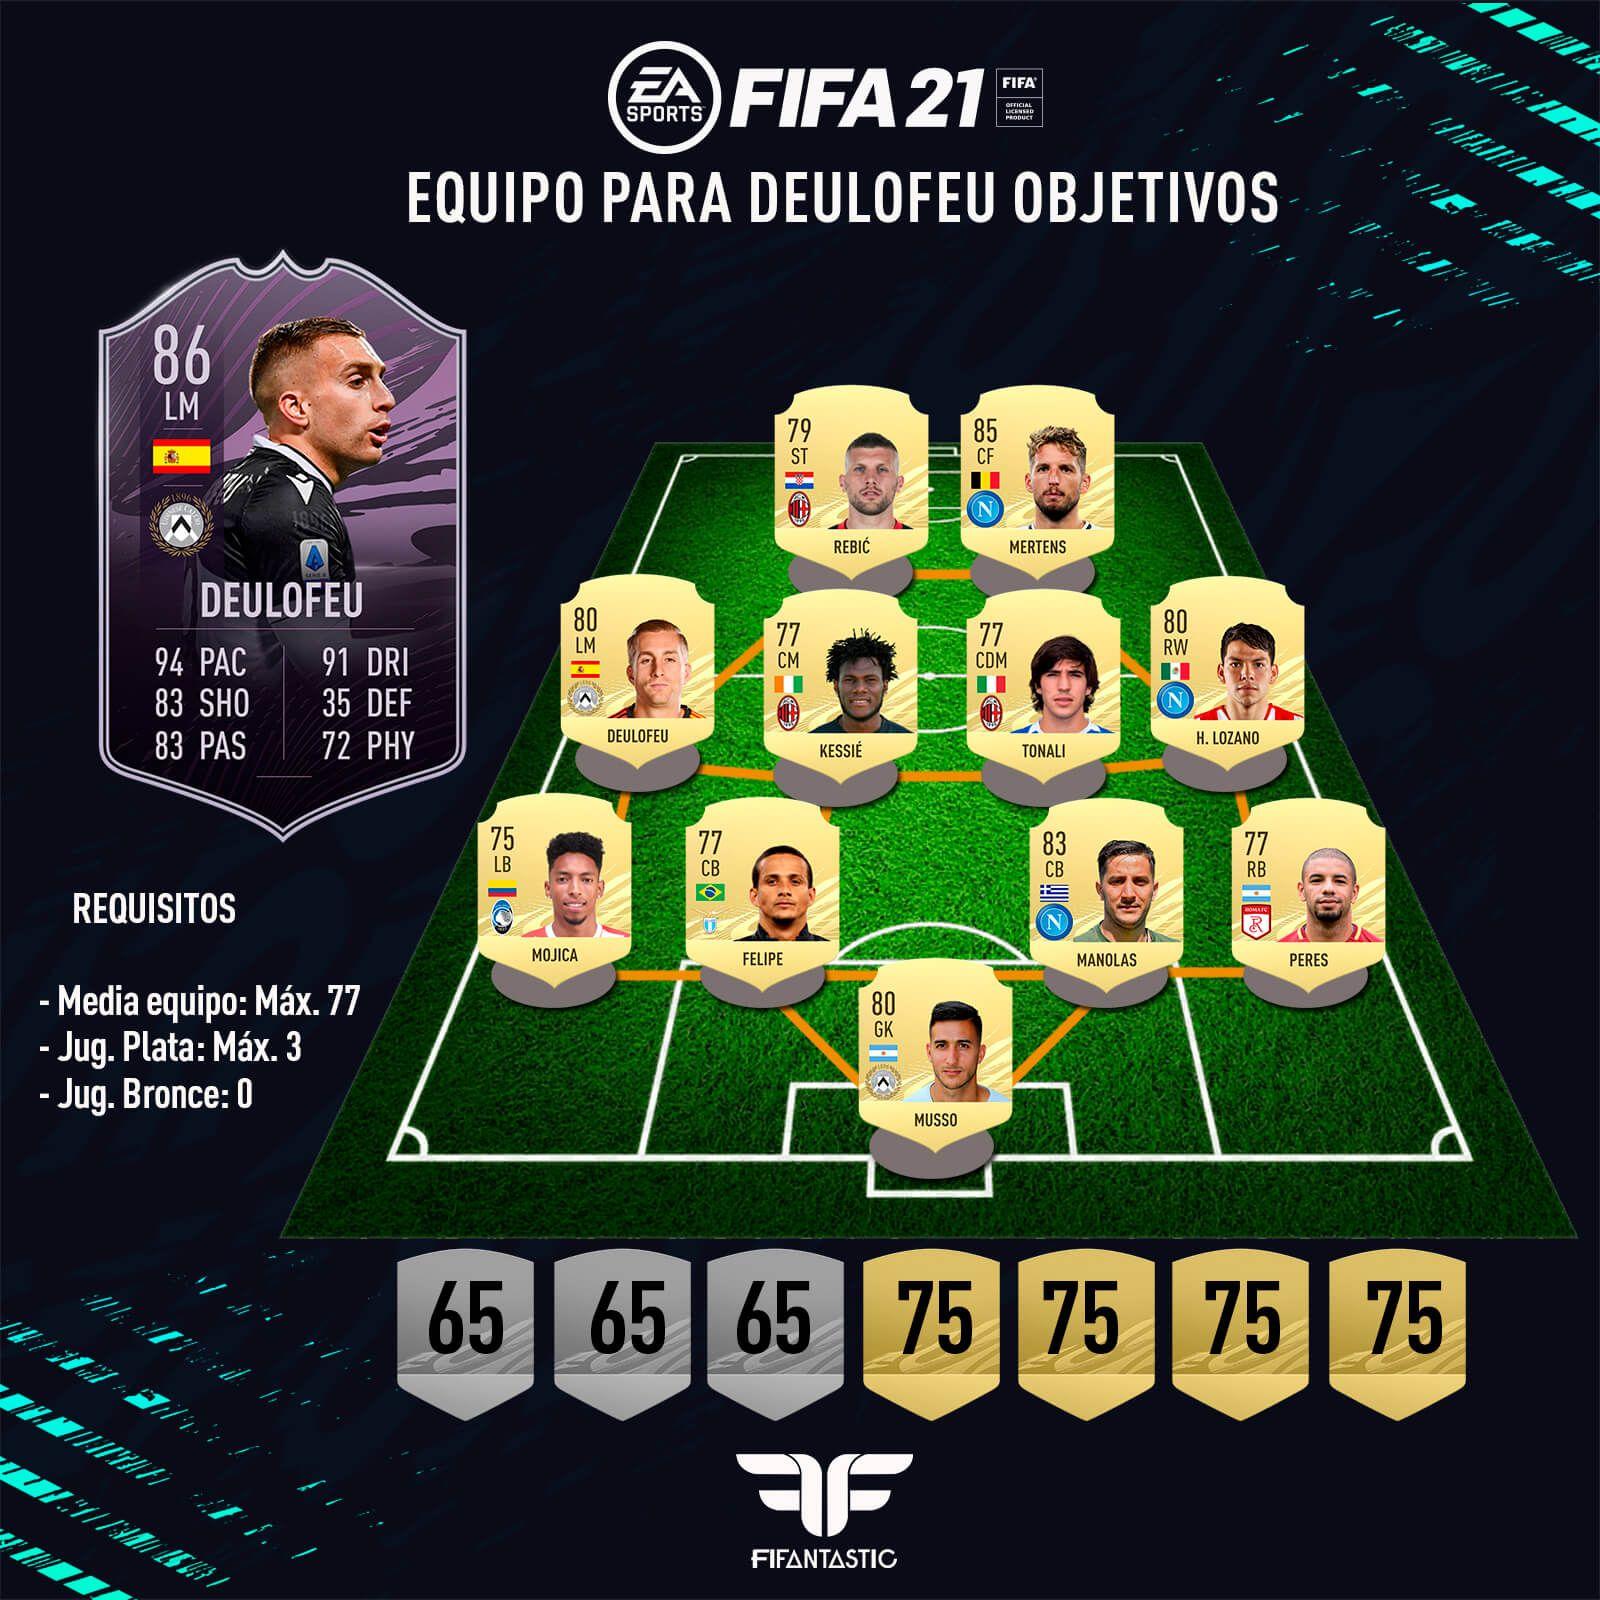 Equipo para Deulofeu Objetivos de FIFA 21 Ultimate Team